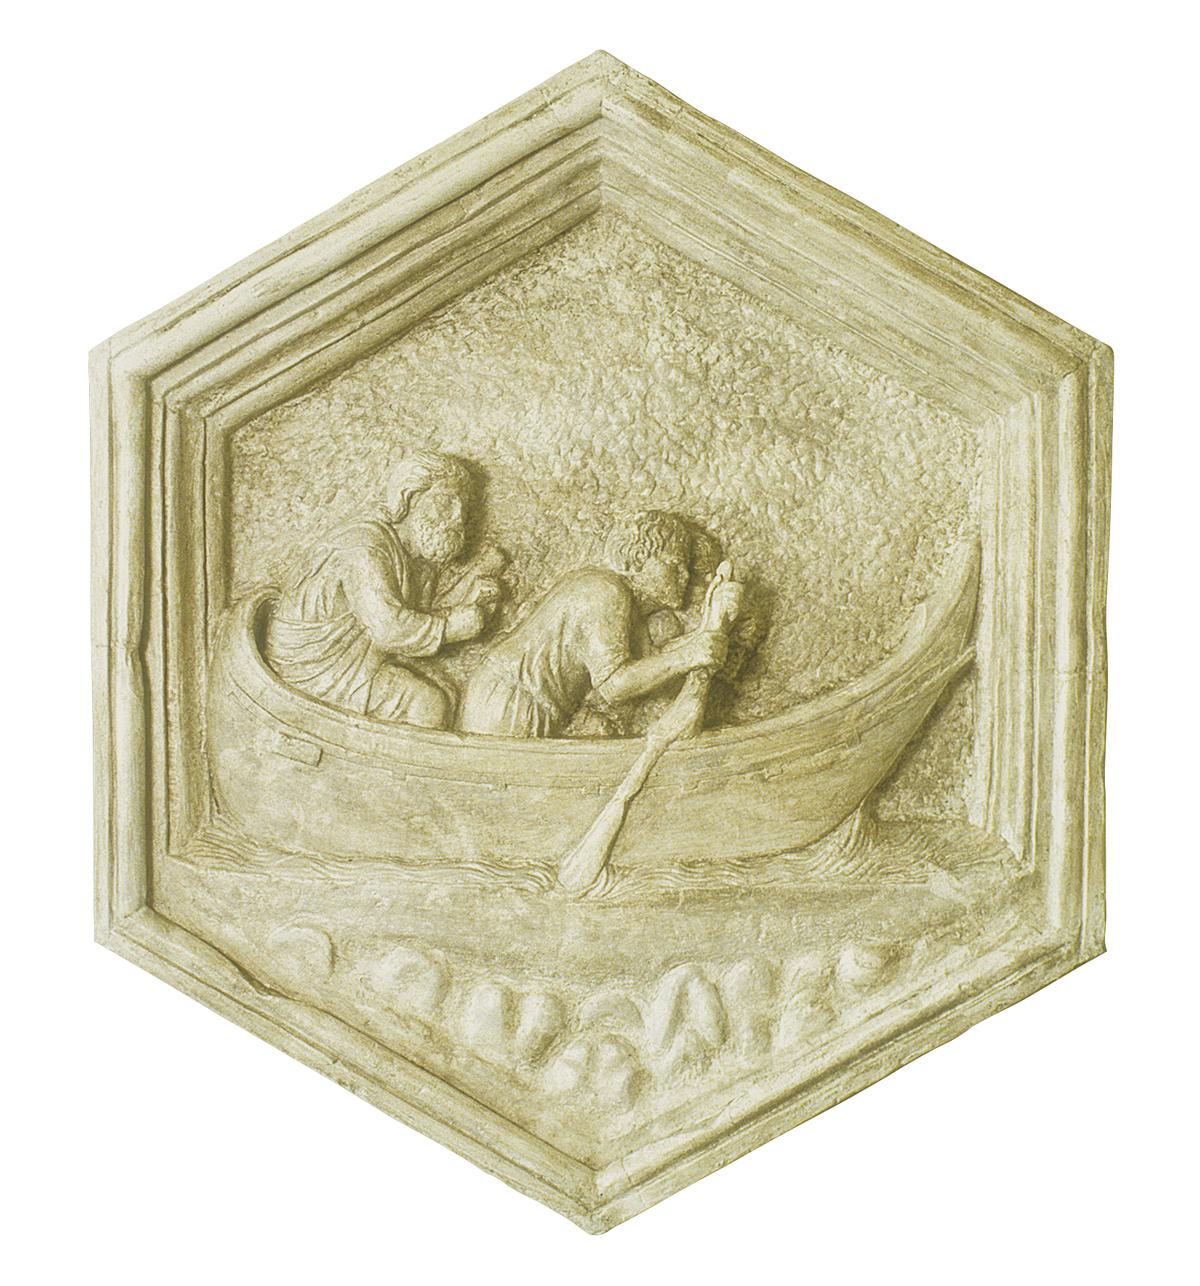 L'arte della navigazione a remi, formella del campanile di Giotto (copia in gesso)